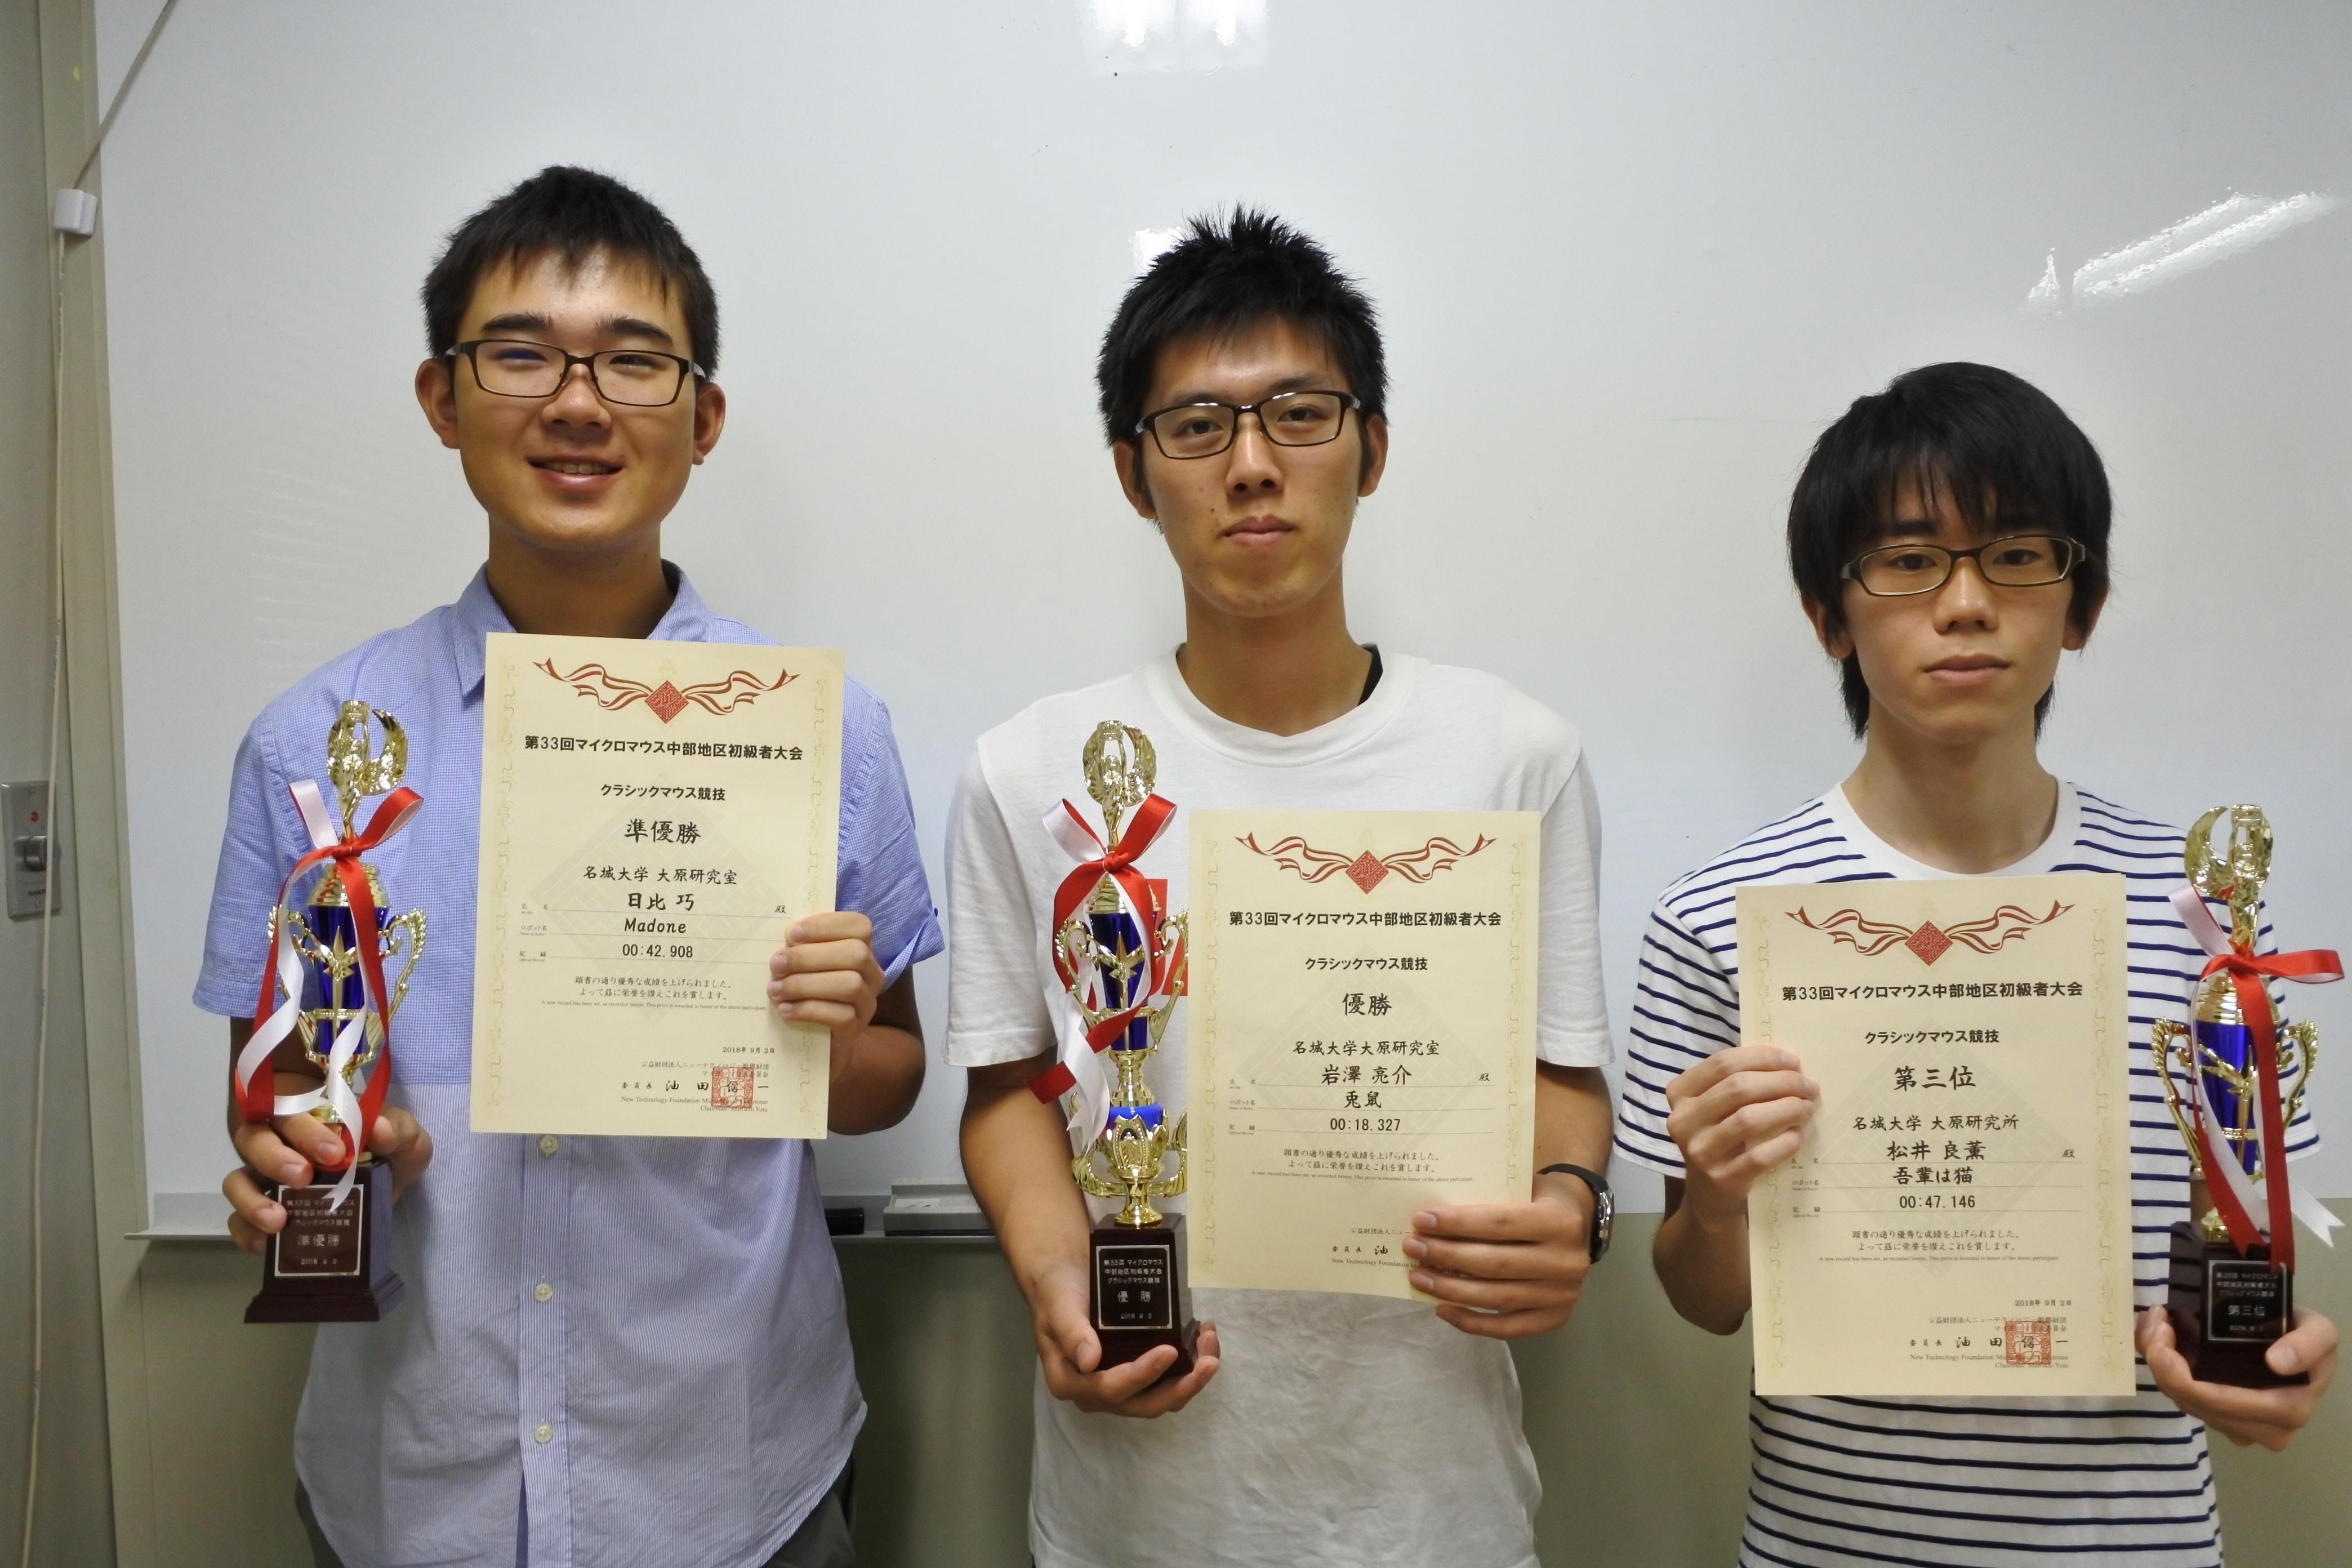 (左から)日比さん、岩澤さん、松井さん